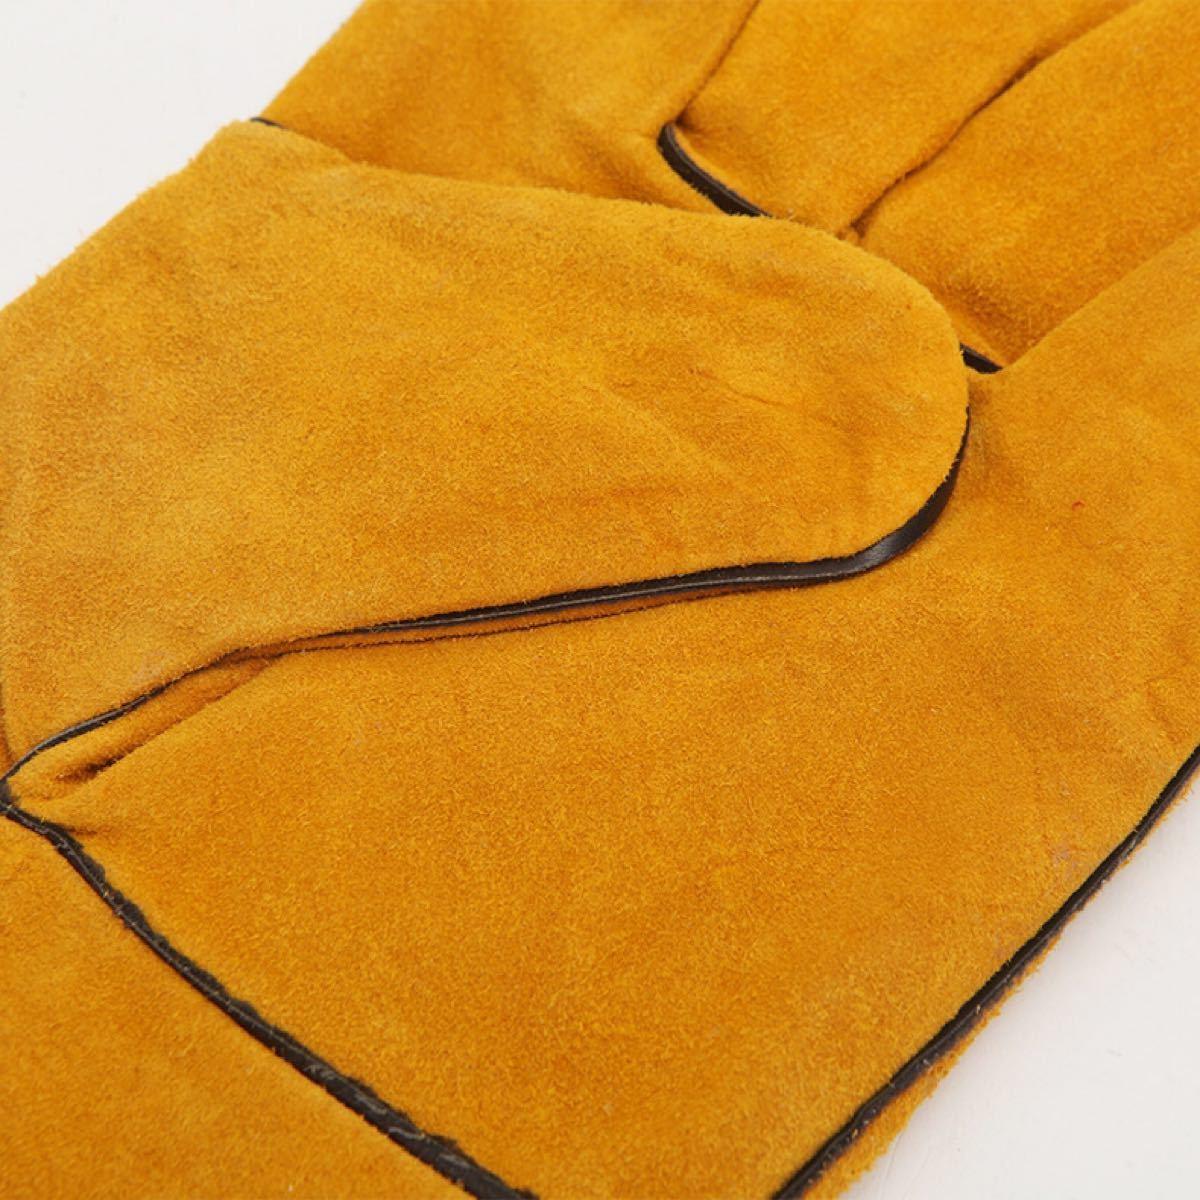 耐熱 手袋 キャンプグローブ レザーグローブ BBQ 耐熱グローブ アウトドア用 溶接 作業 耐久性 安全